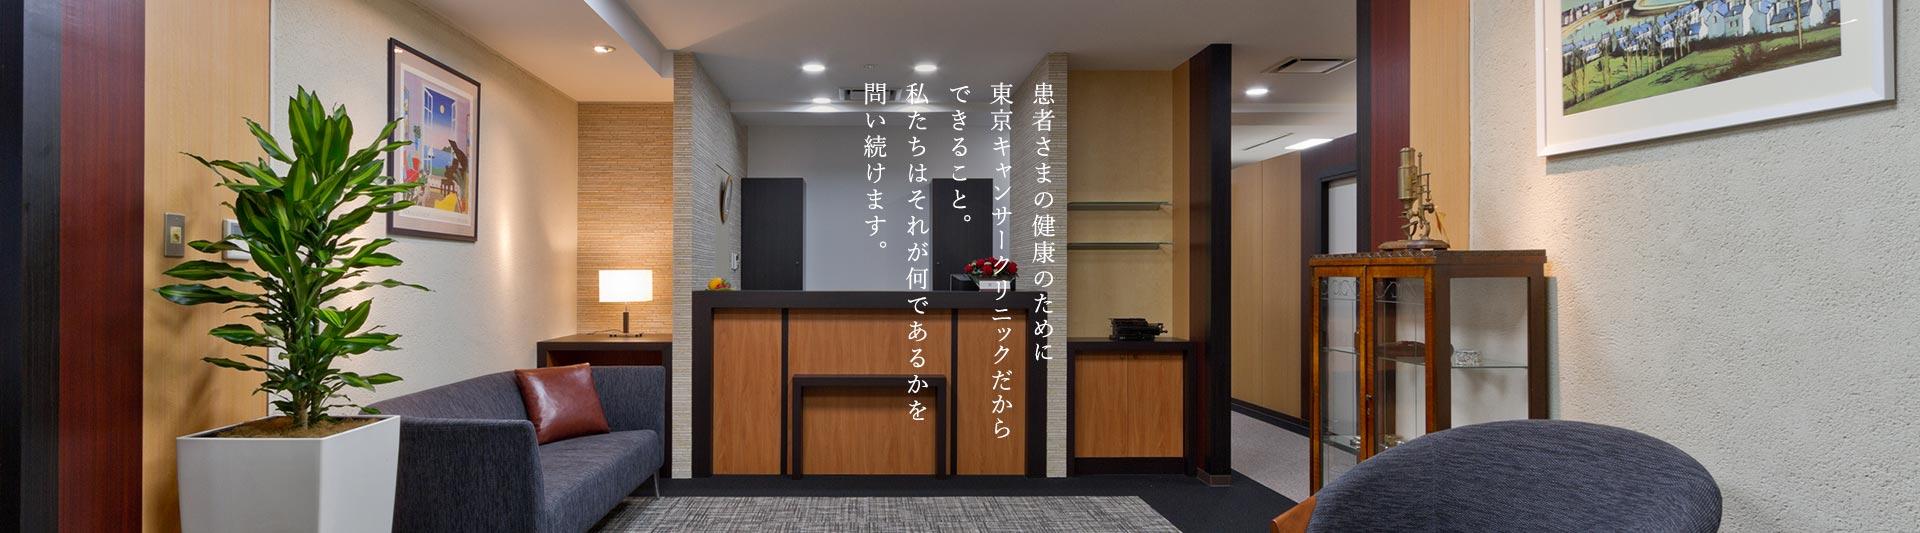 患者さまの健康のために東京キャンサークリニックだからできること。私たちはそれが何であるかを 問い続けます。